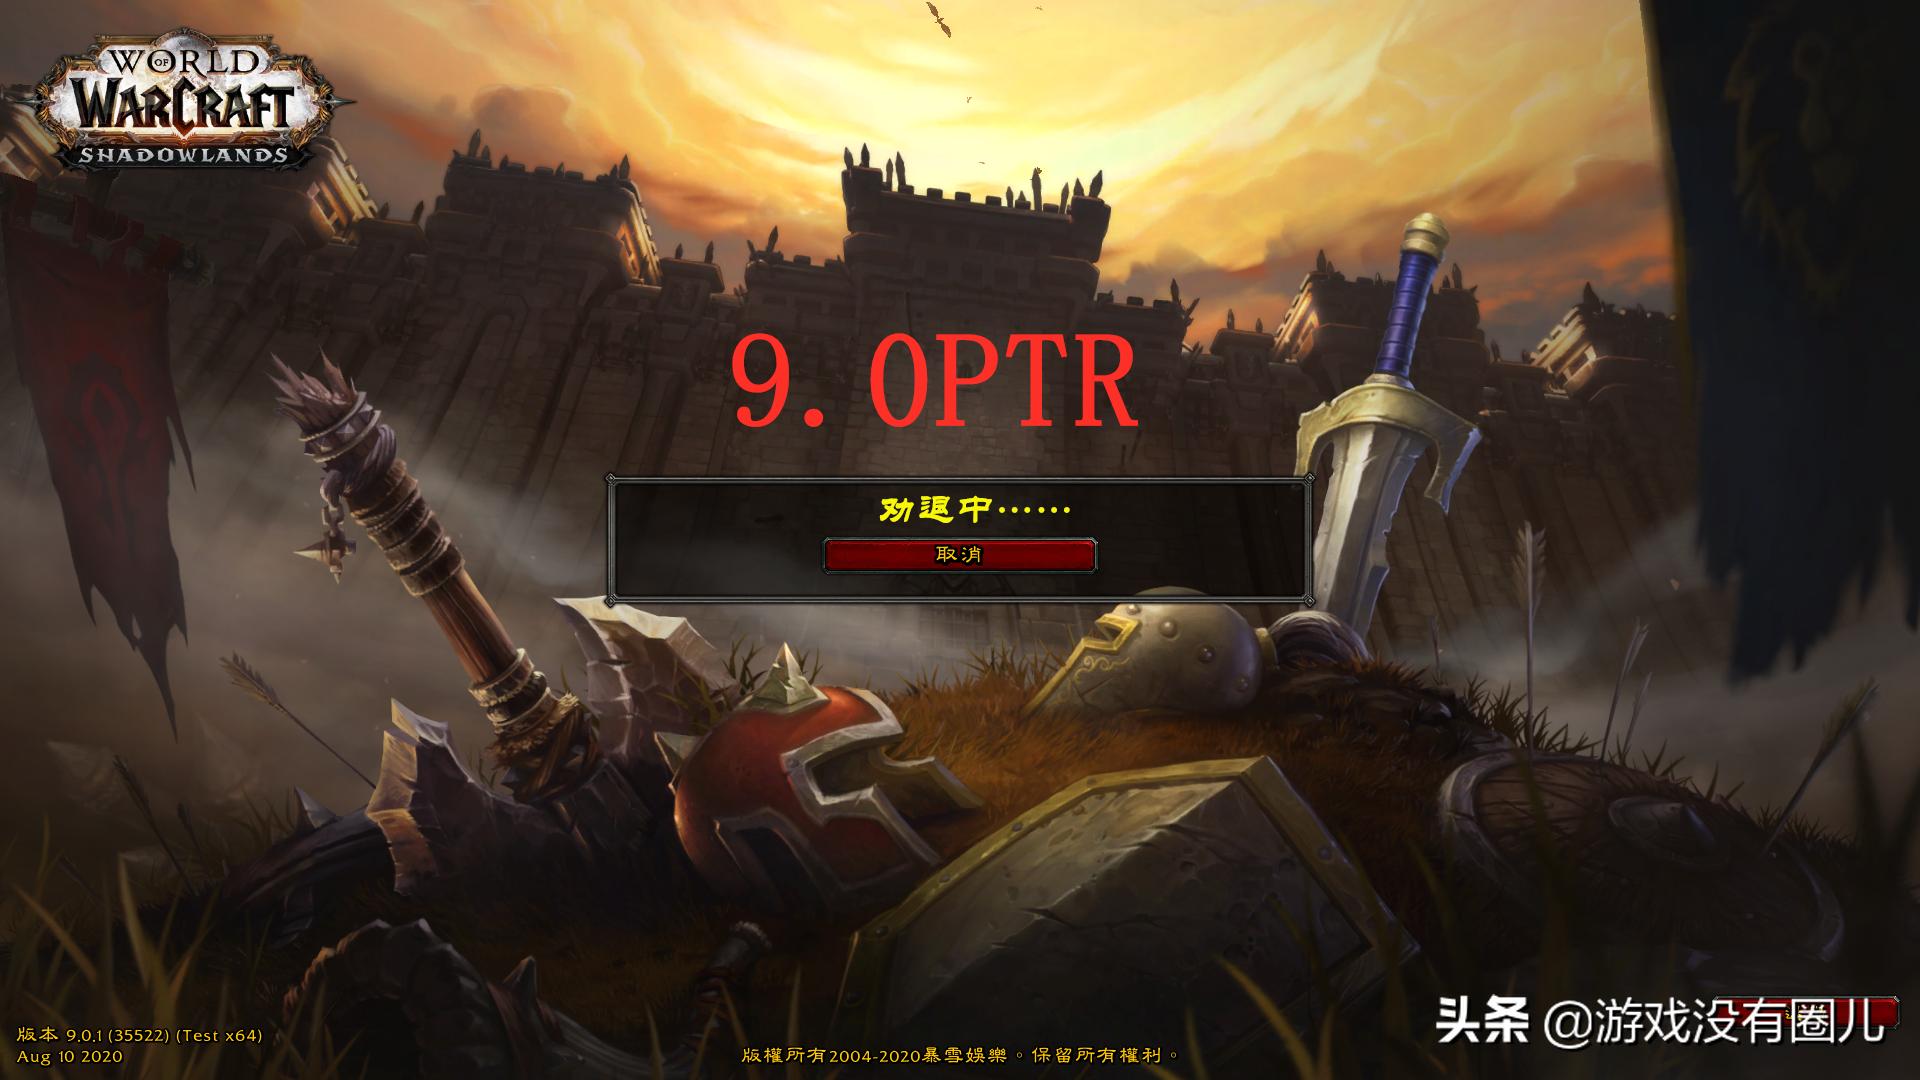 《魔兽世界》9.0PTR第一视角:天灾入侵,好玩到不得不退出游戏